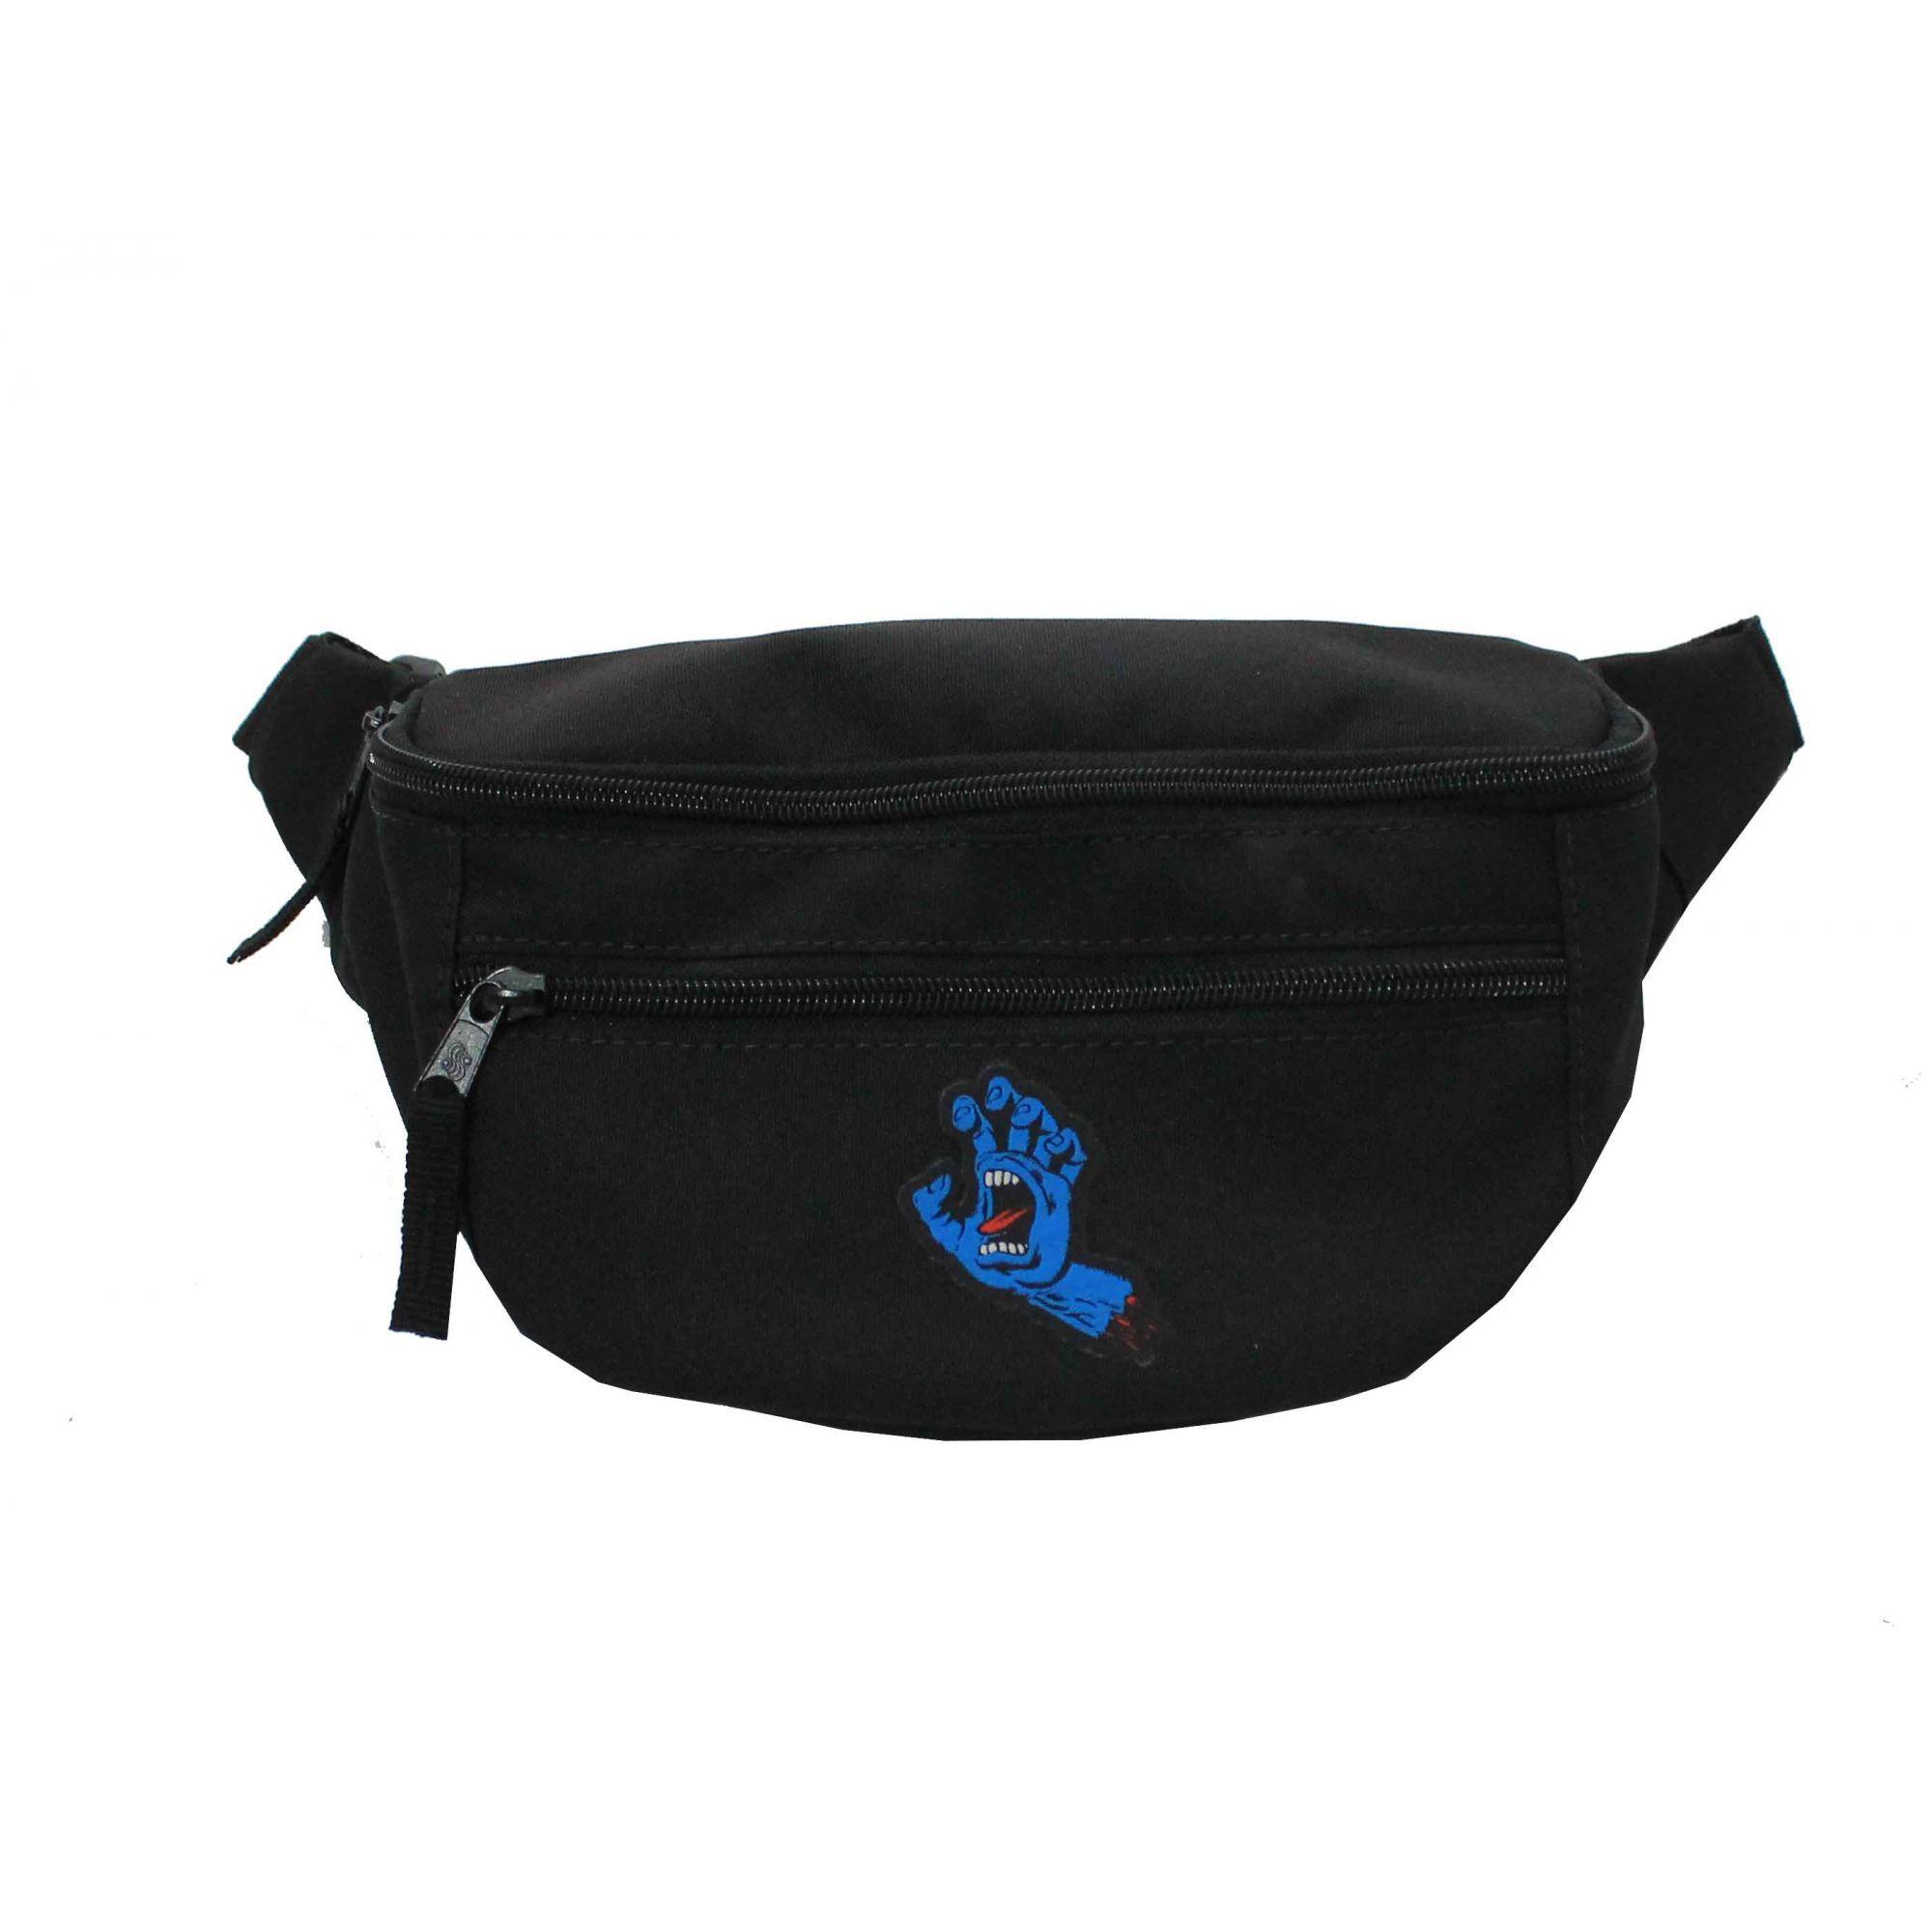 Pochete Santa Cruz Screaming Hand Bag Pack - Preto